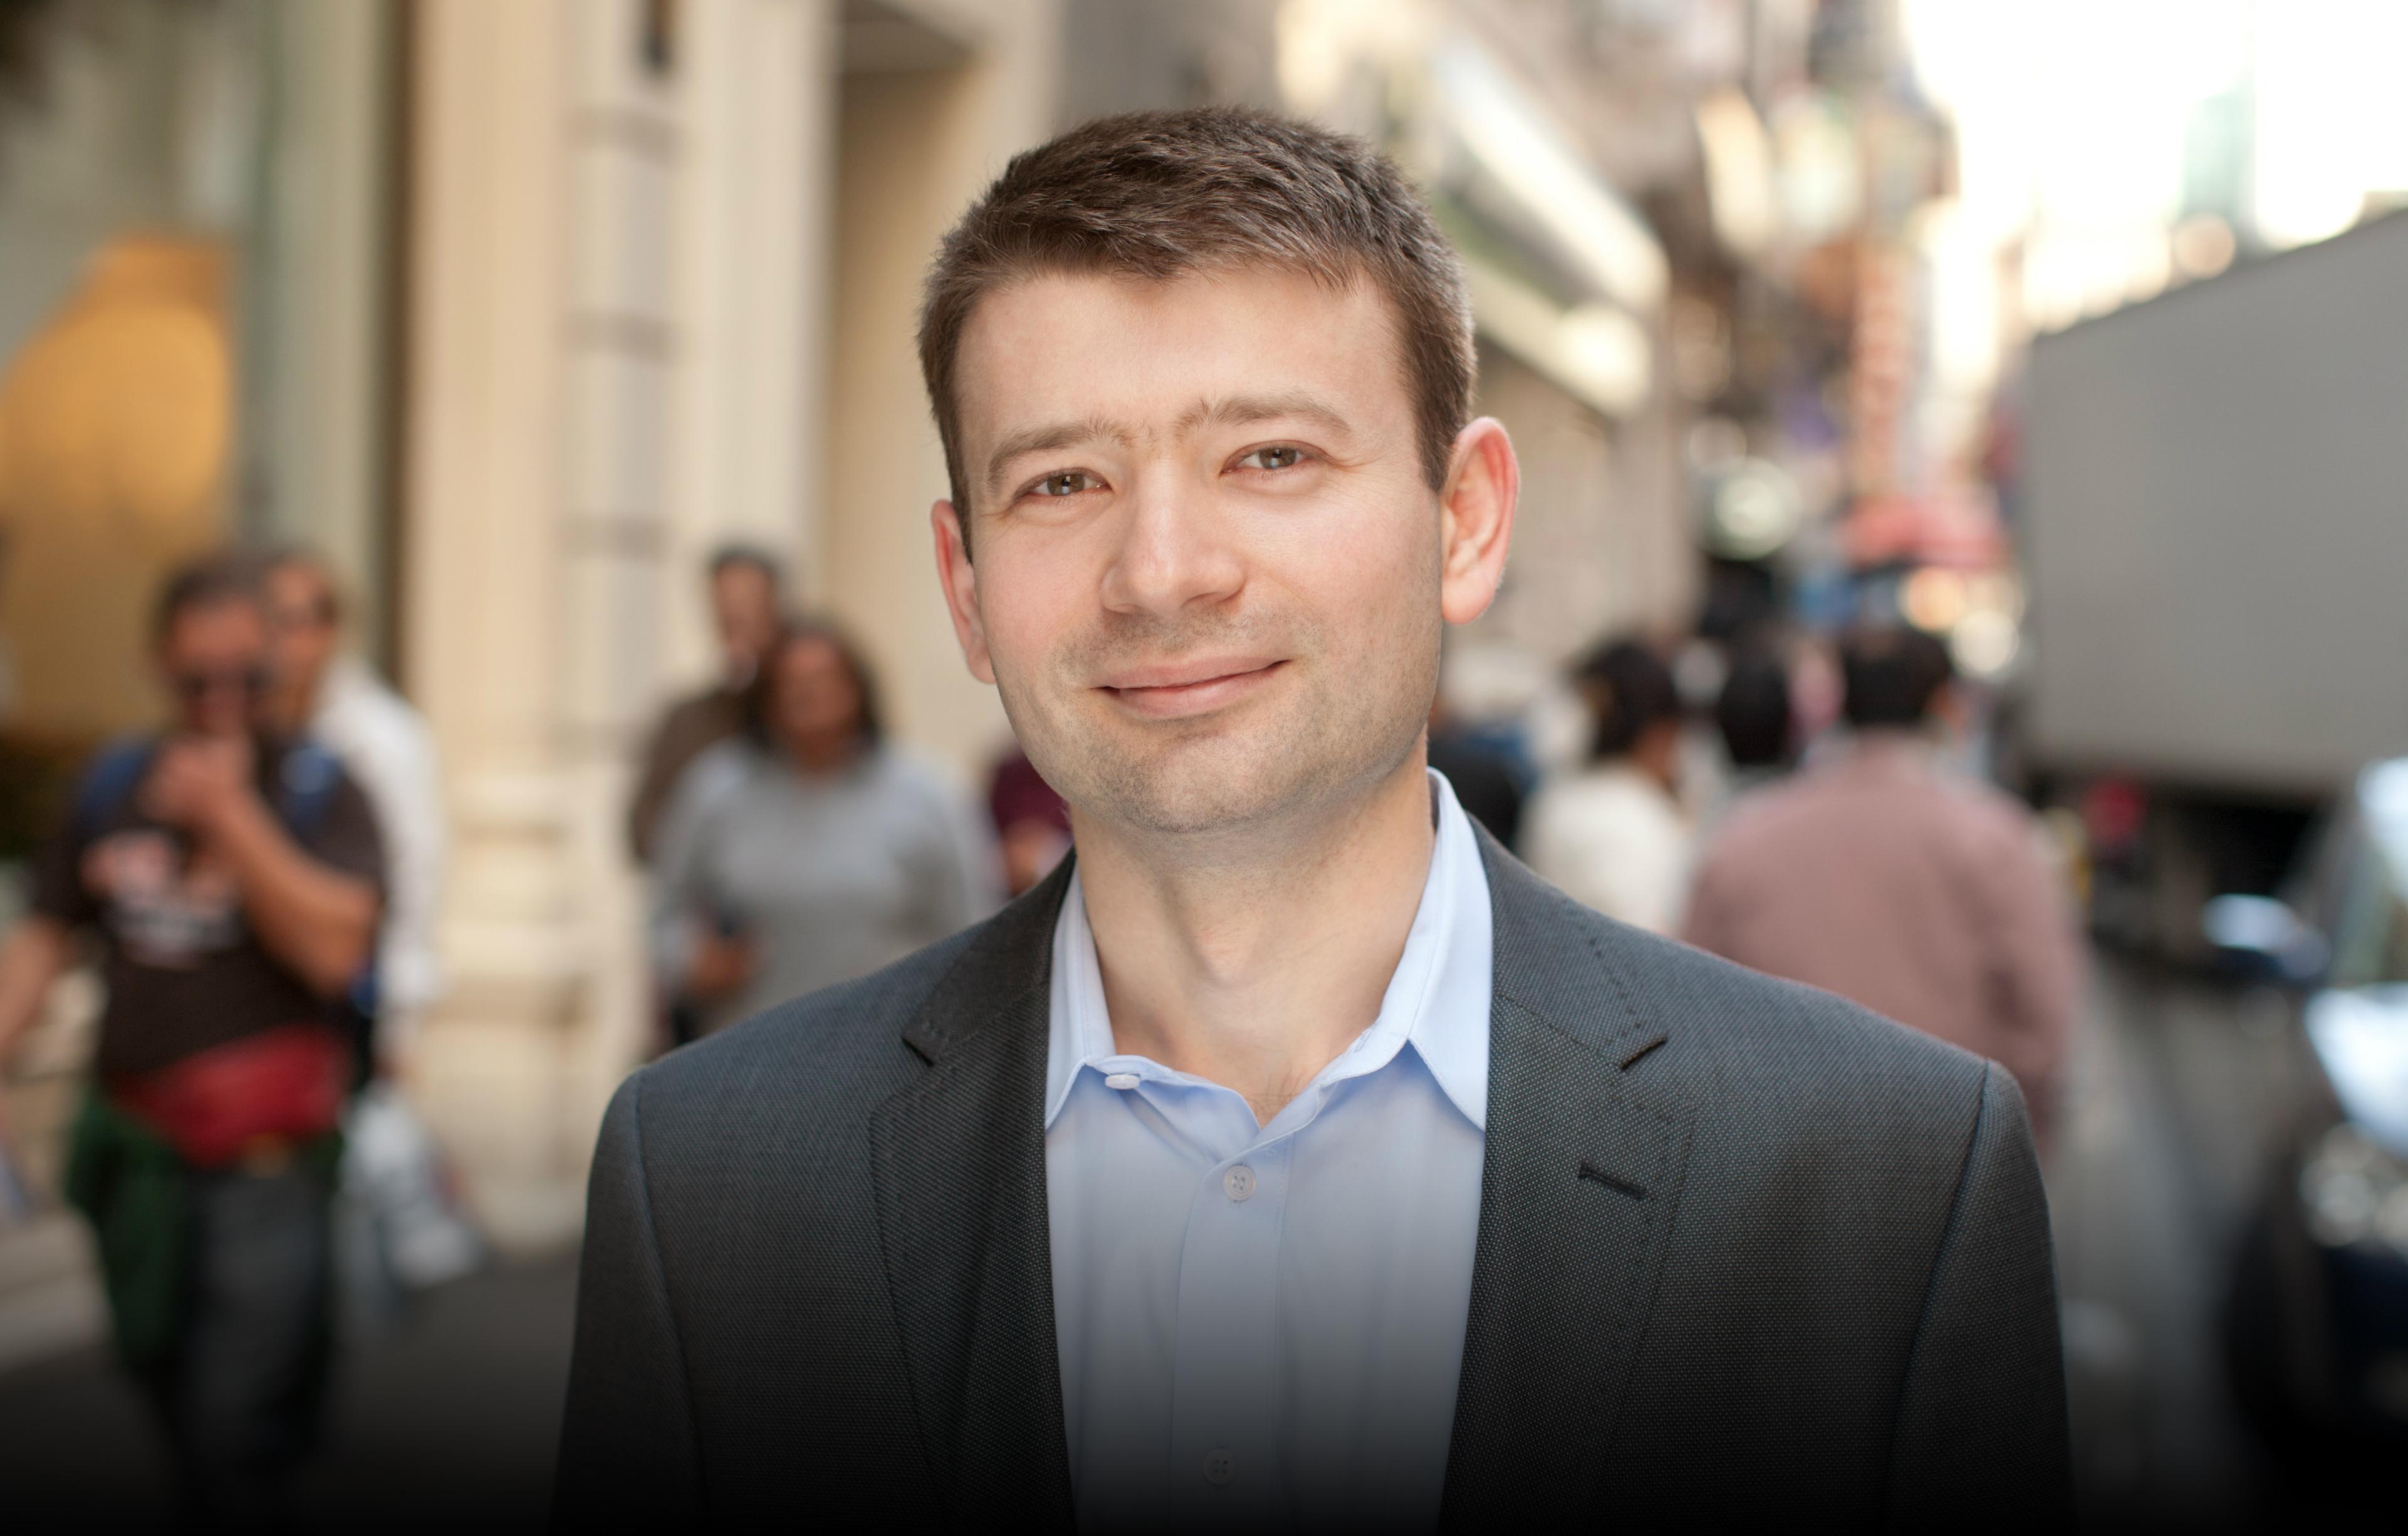 Как уехать из Днепропетровска в Нью-Йорк и основать стартап стоимостью четверть миллиарда: история Андрея Аксельрода